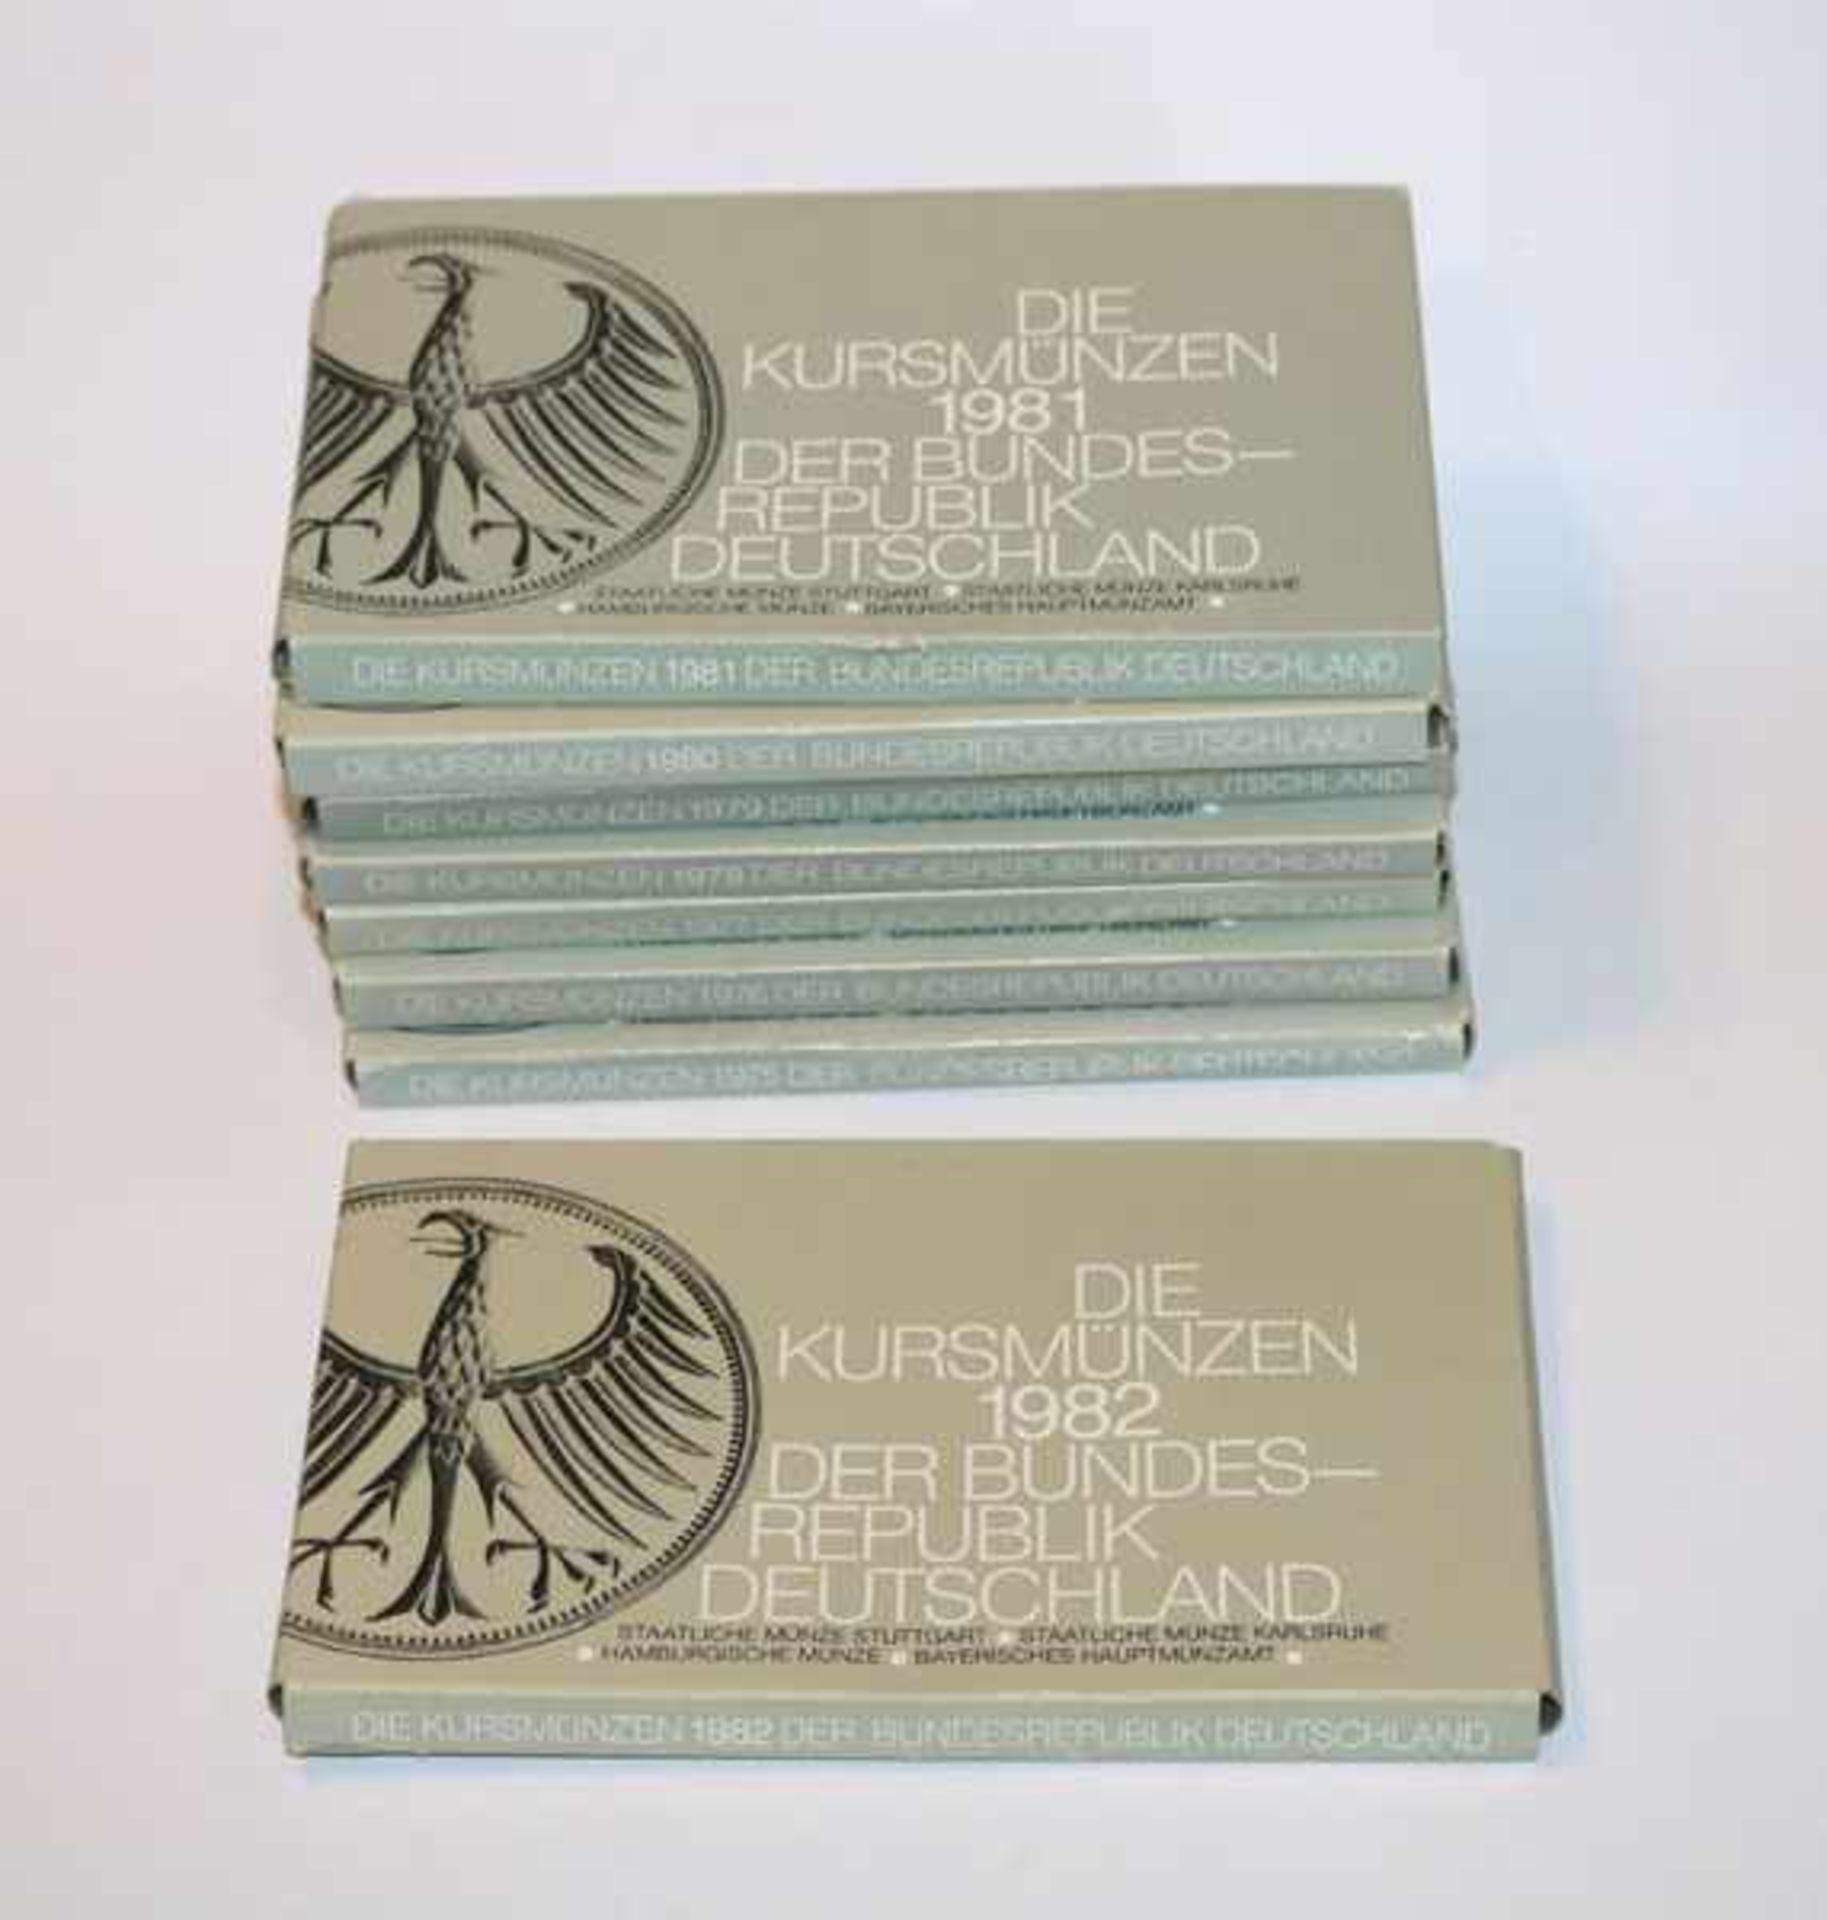 8 Kurzsmünzensätze der BRD, 1975 bis 1982, DFGJ, 405,76 DM Nominalwert